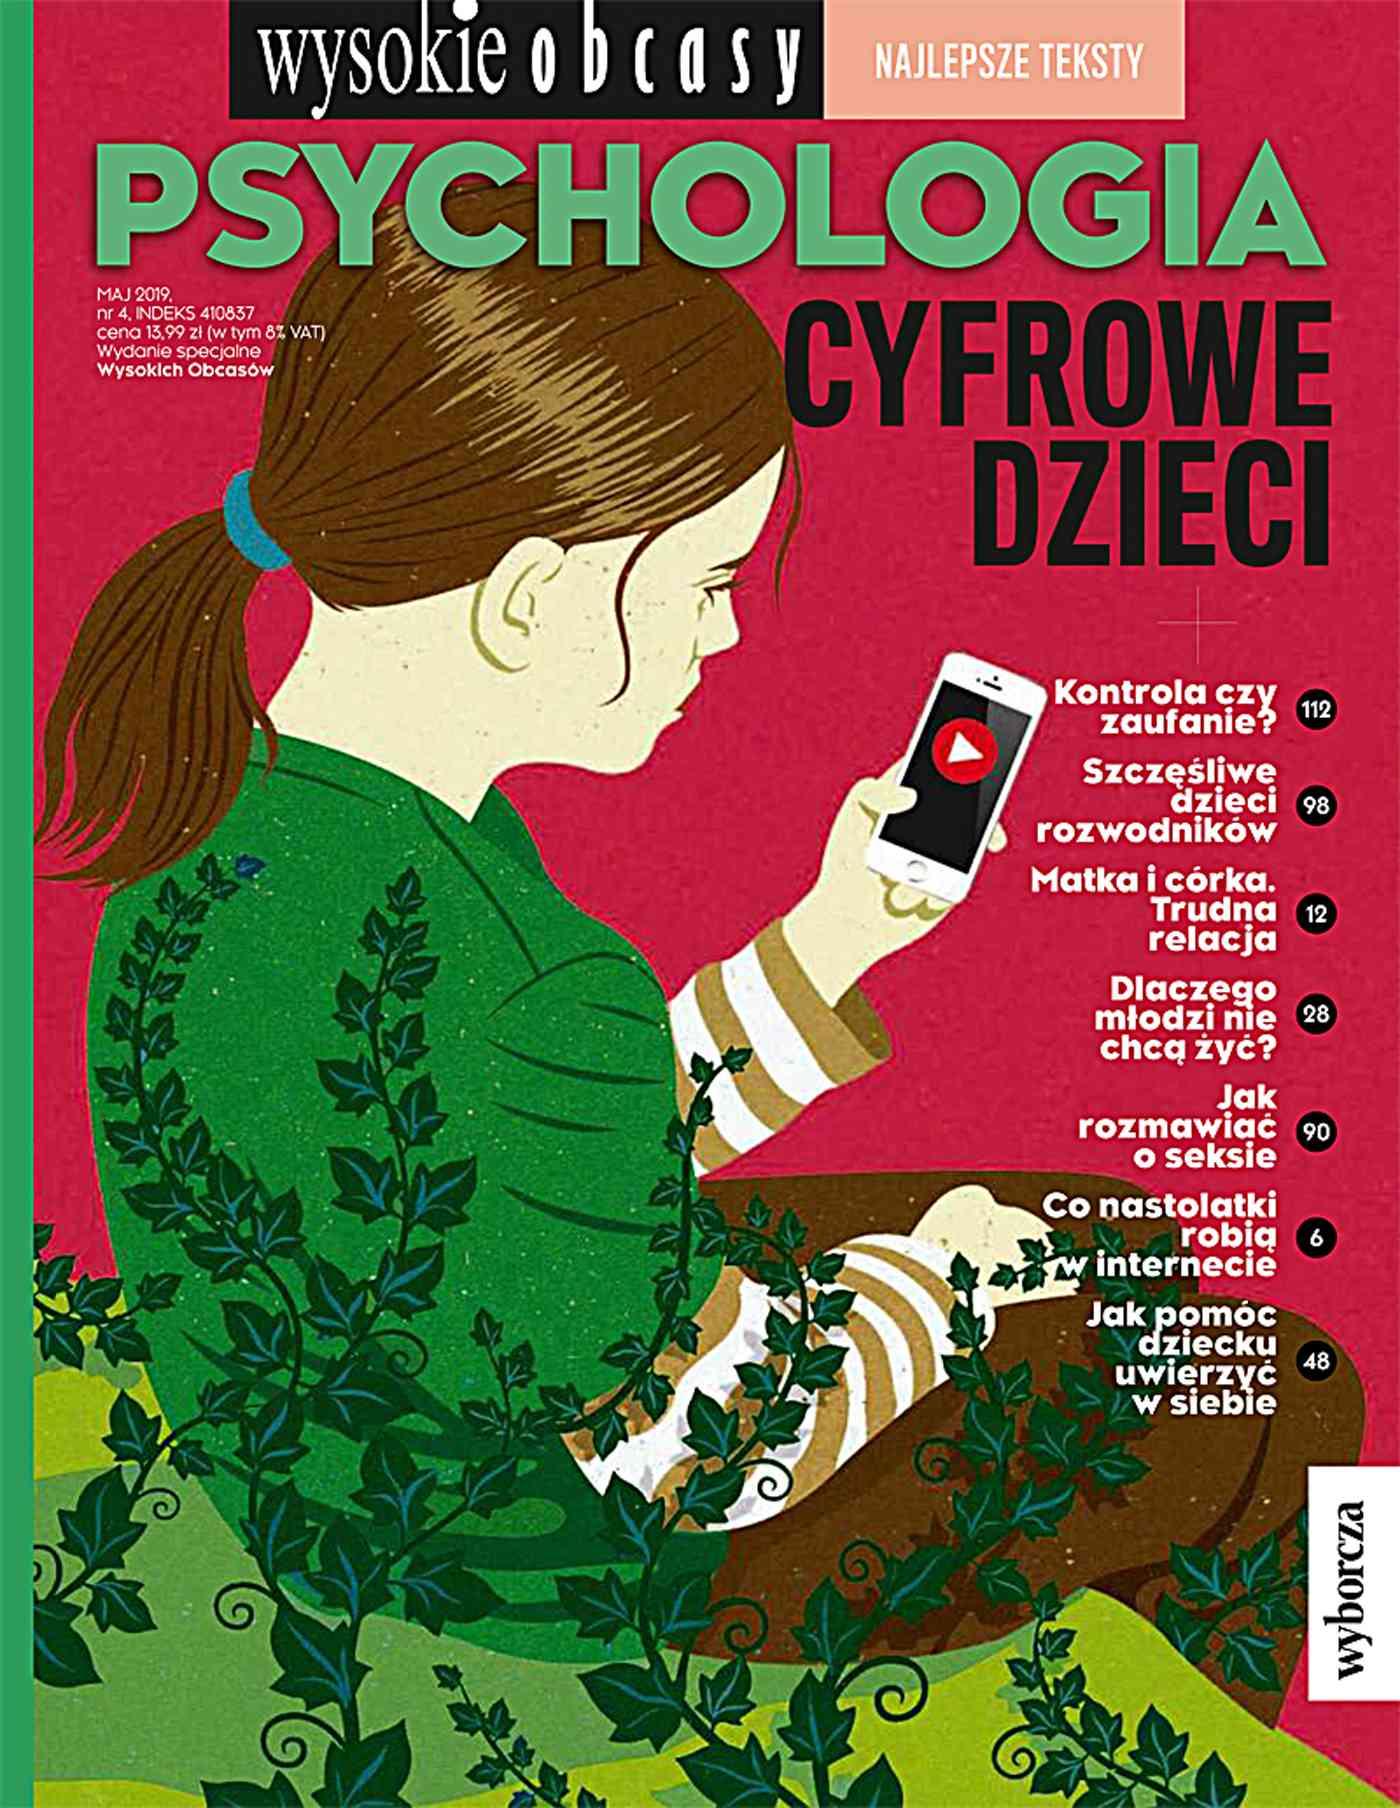 Psychologia. Cyfrowe dzieci . Wysokie Obcasy. Wydanie Specjalne 4/2019 - Ebook (Książka EPUB) do pobrania w formacie EPUB